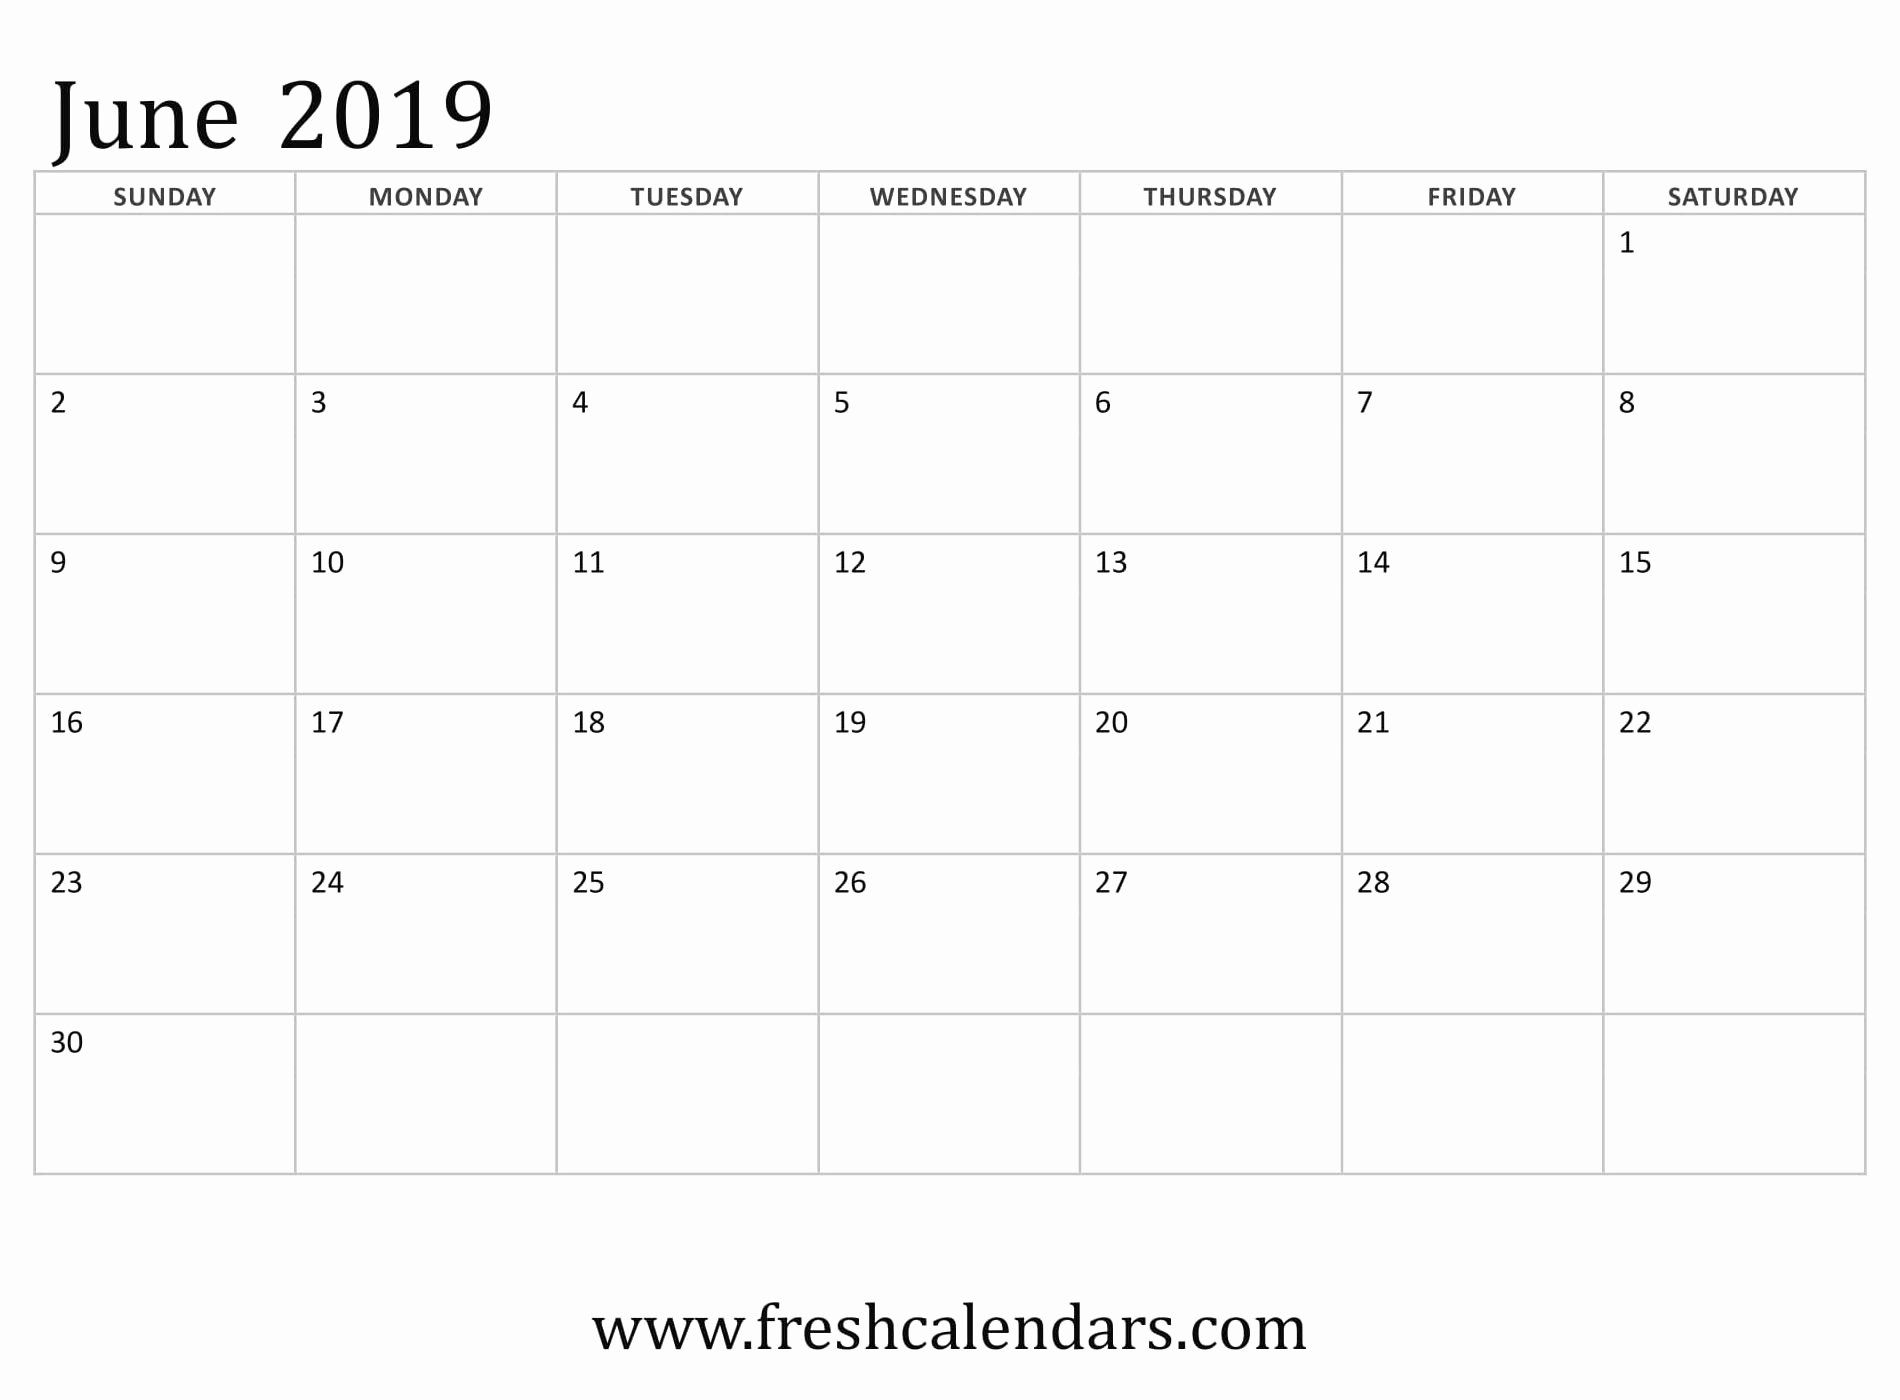 Monthly Calendar Template 2019 Inspirational June 2019